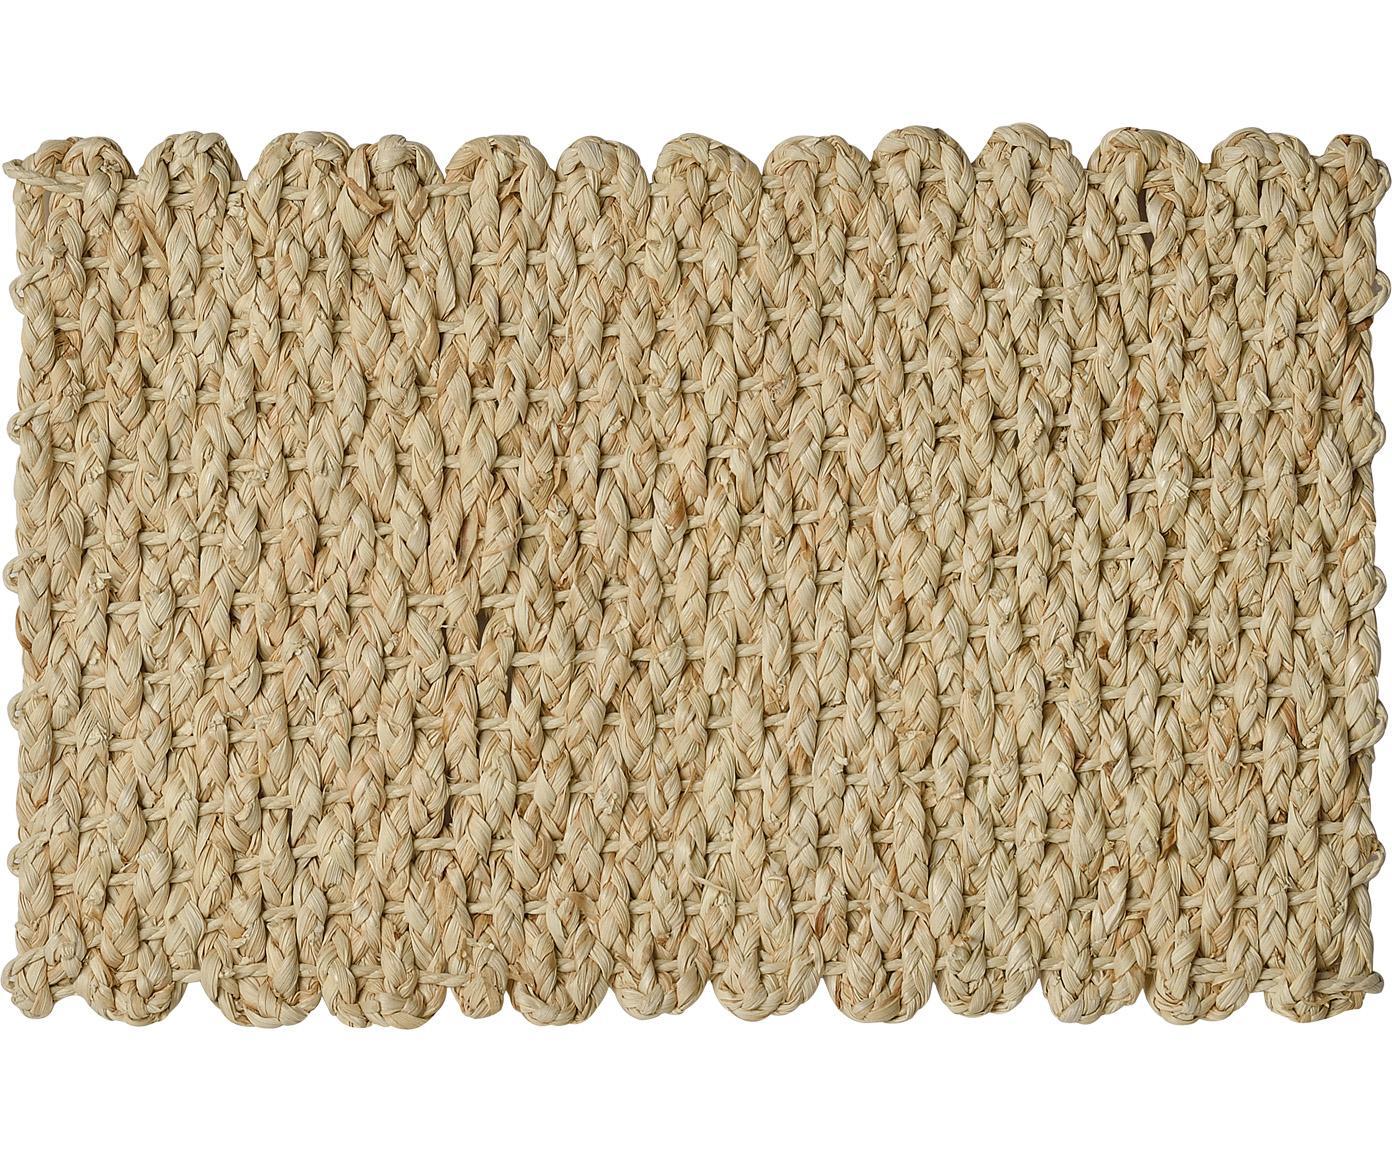 Manteles individuales Cascada, 2uds., Paja de elote, Mimbre, An 30 x L 45 cm